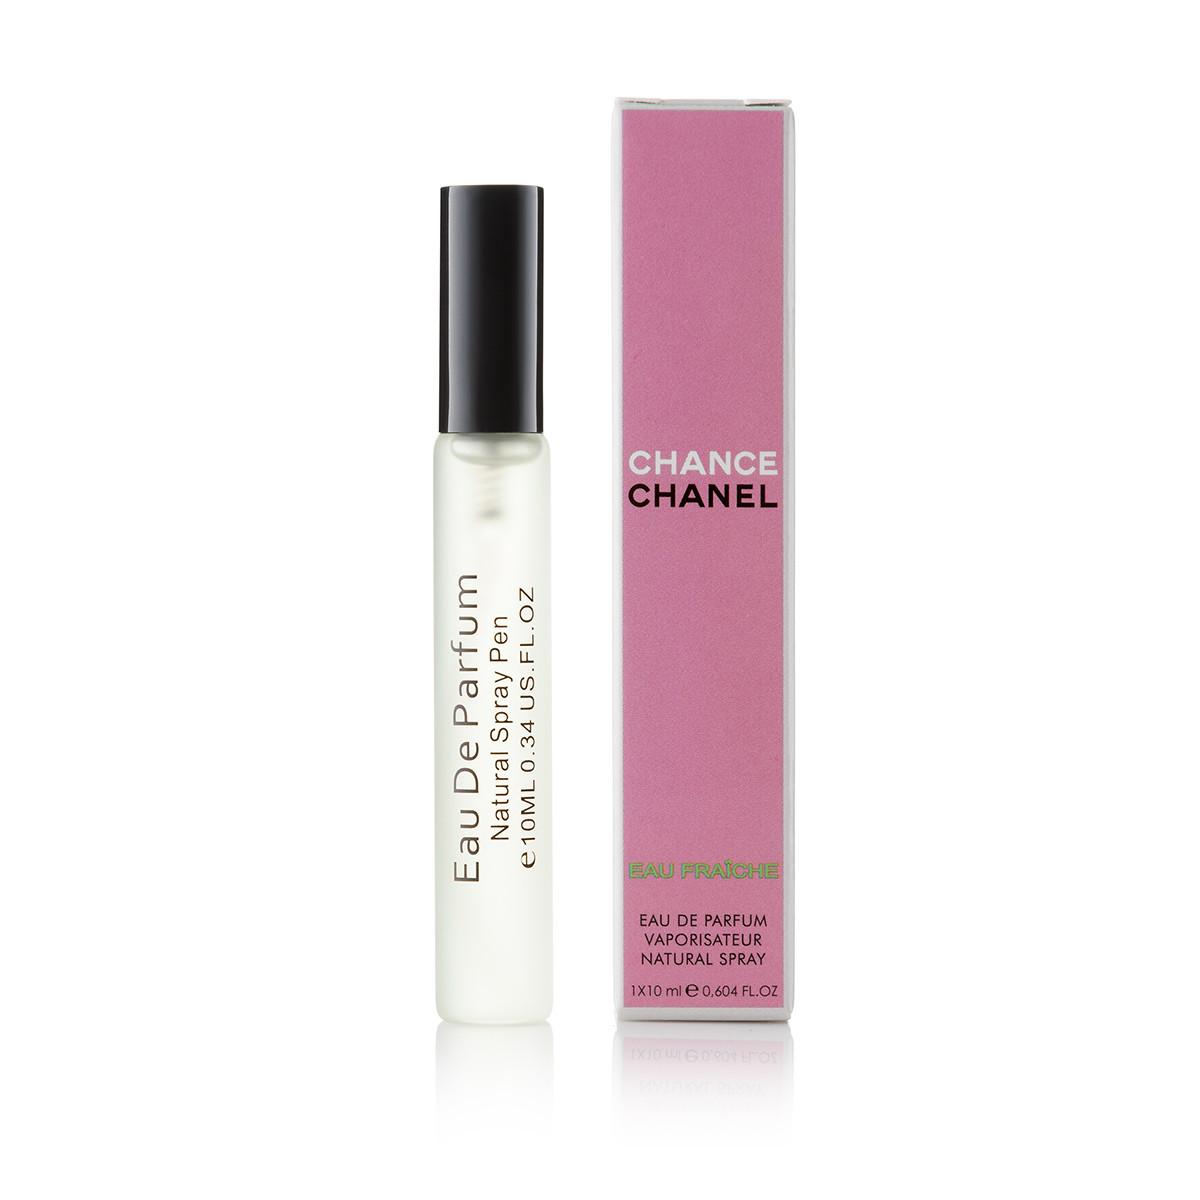 10 мл мини парфюм спрей в ручке Chance Eau Fraiche (Ж) Д-12